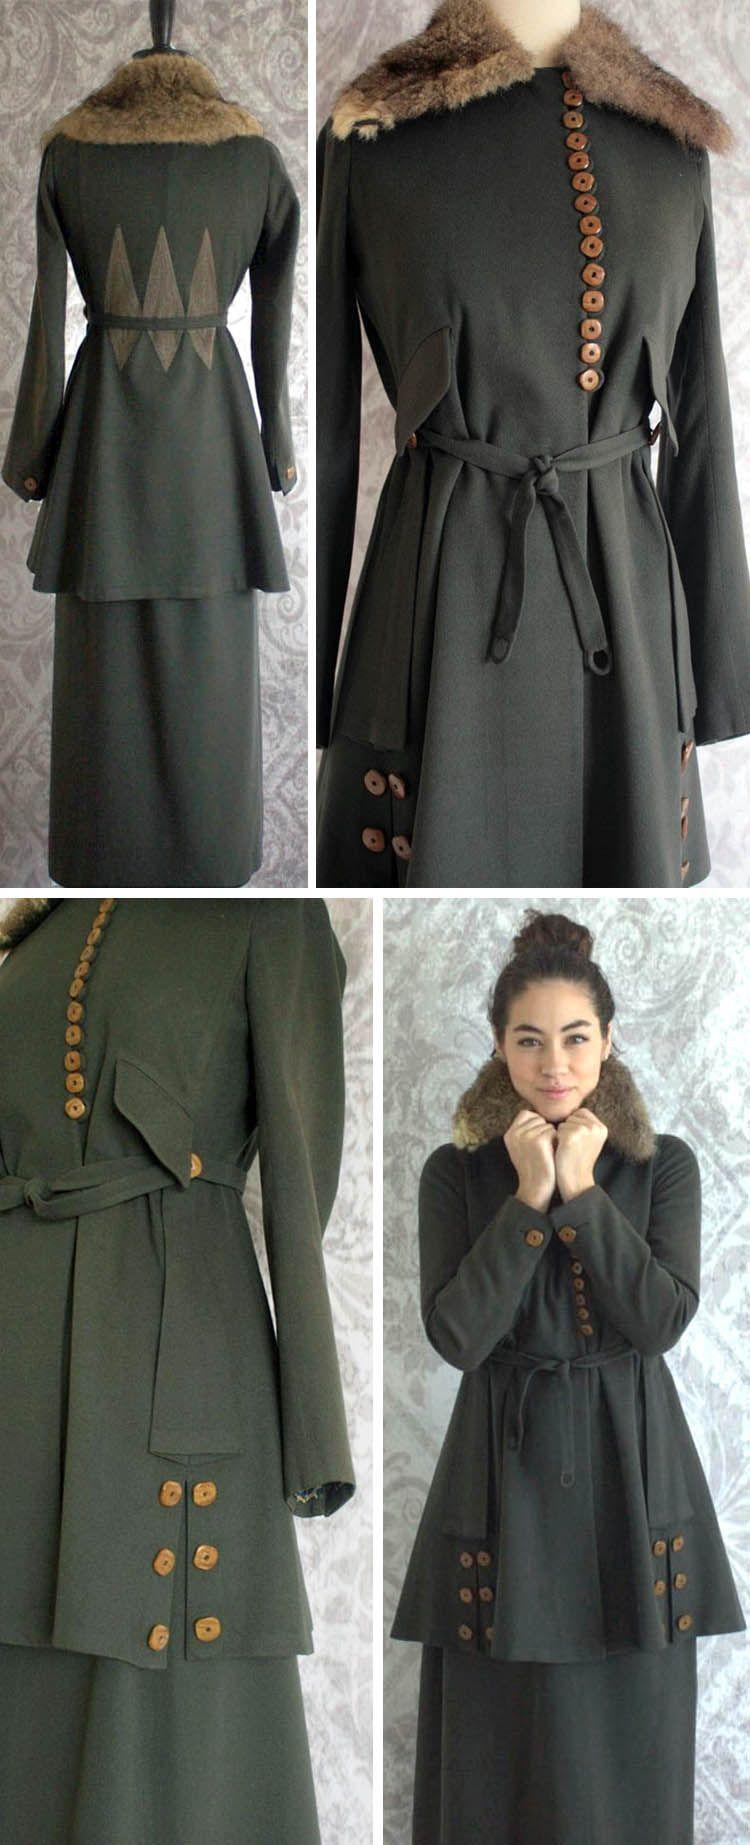 Suit Ca 1910 15 Dark Green Wool Jacket Skirt Wooden Buttons